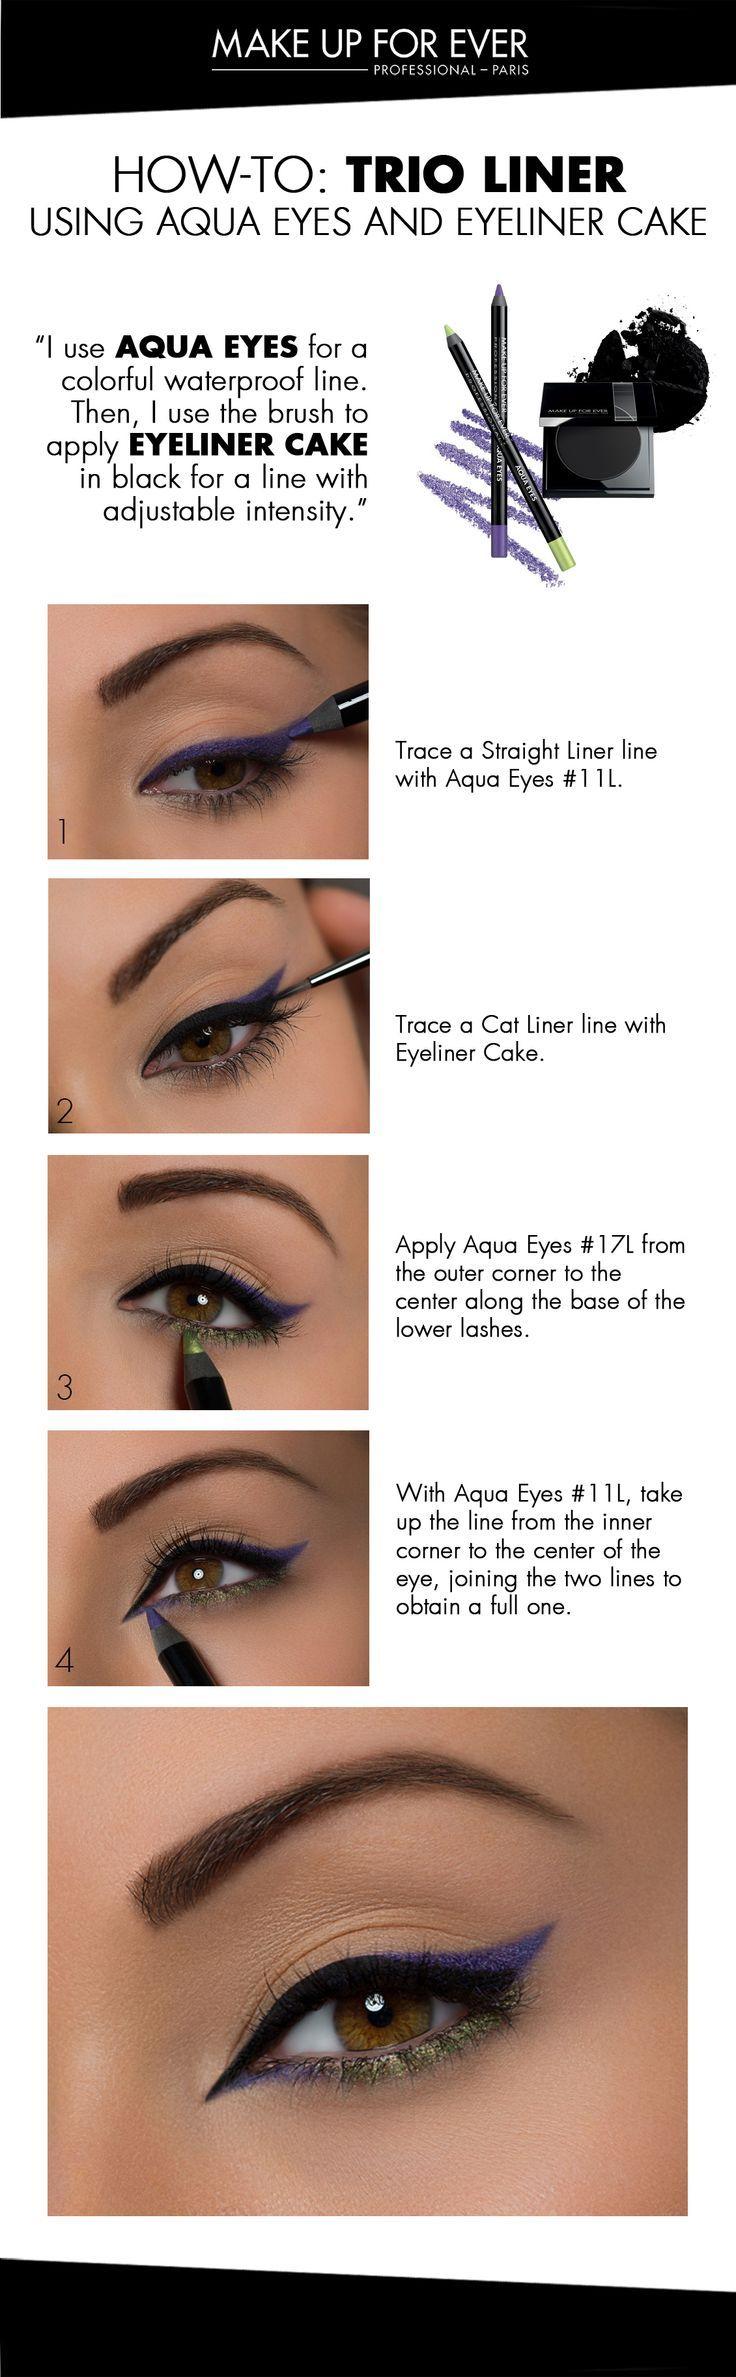 zipper face makeup instructions